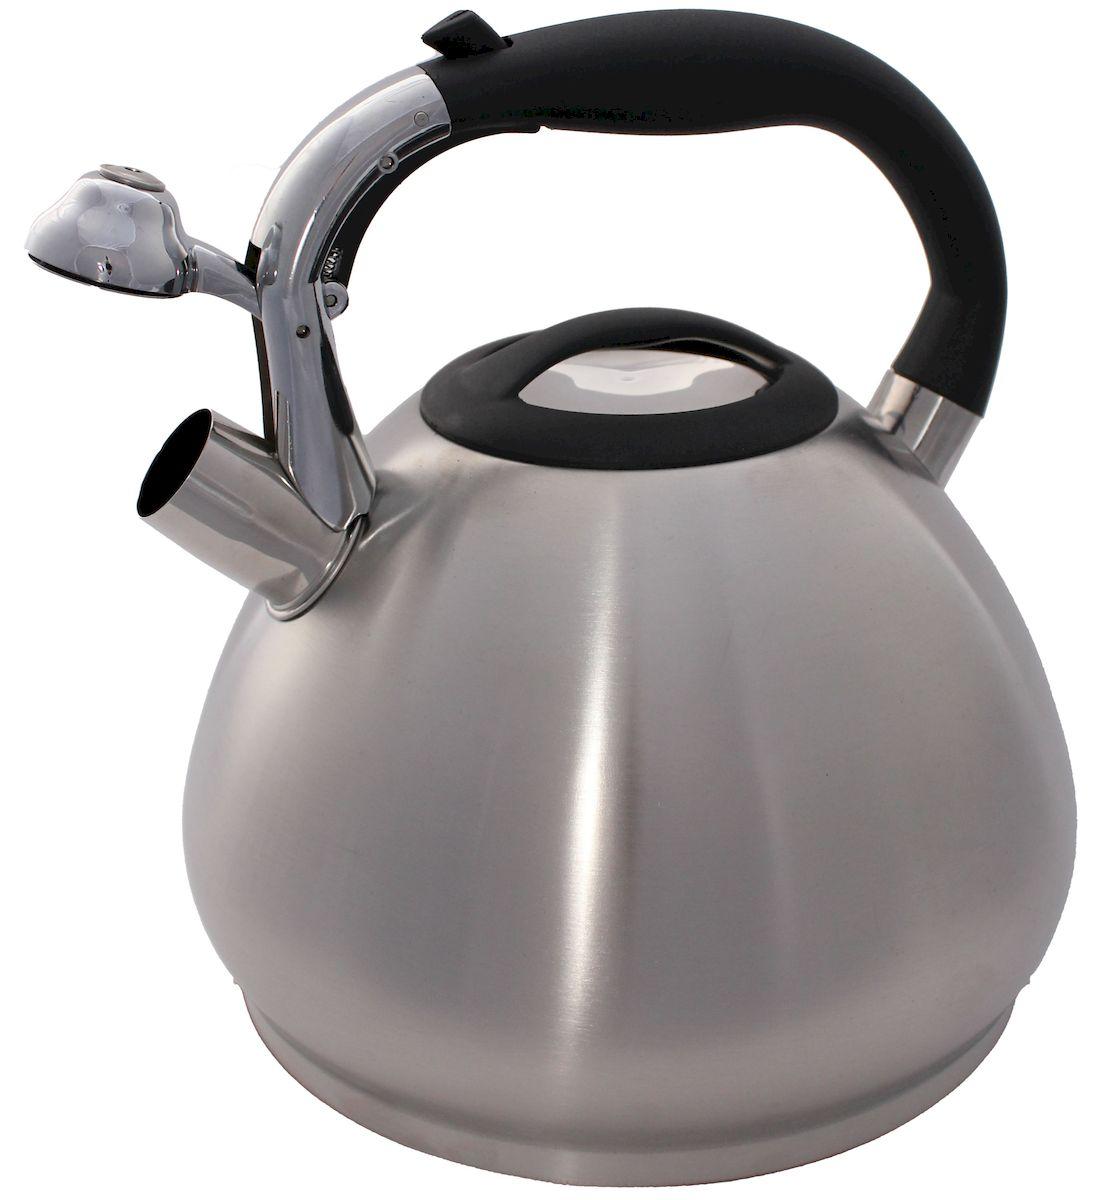 Чайник Hoffmann, со свистком, цвет: стальной, черный, 4,5 л54 009312Чайник Hoffmann выполнен из высококачественной нержавеющей стали, что делает его весьма гигиеничным и устойчивым к износу при длительном использовании. Носик чайника оснащен насадкой-свистком, что позволит вам контролировать процесс подогрева или кипячения воды. Фиксированная ручка, изготовленная из бакелита, оснащена механизмом открывания носика. Эстетичный и функциональный чайник будет оригинально смотреться в любом интерьере.Подходит для всех типов плит, включая индукционные. Можно мыть в посудомоечной машине.